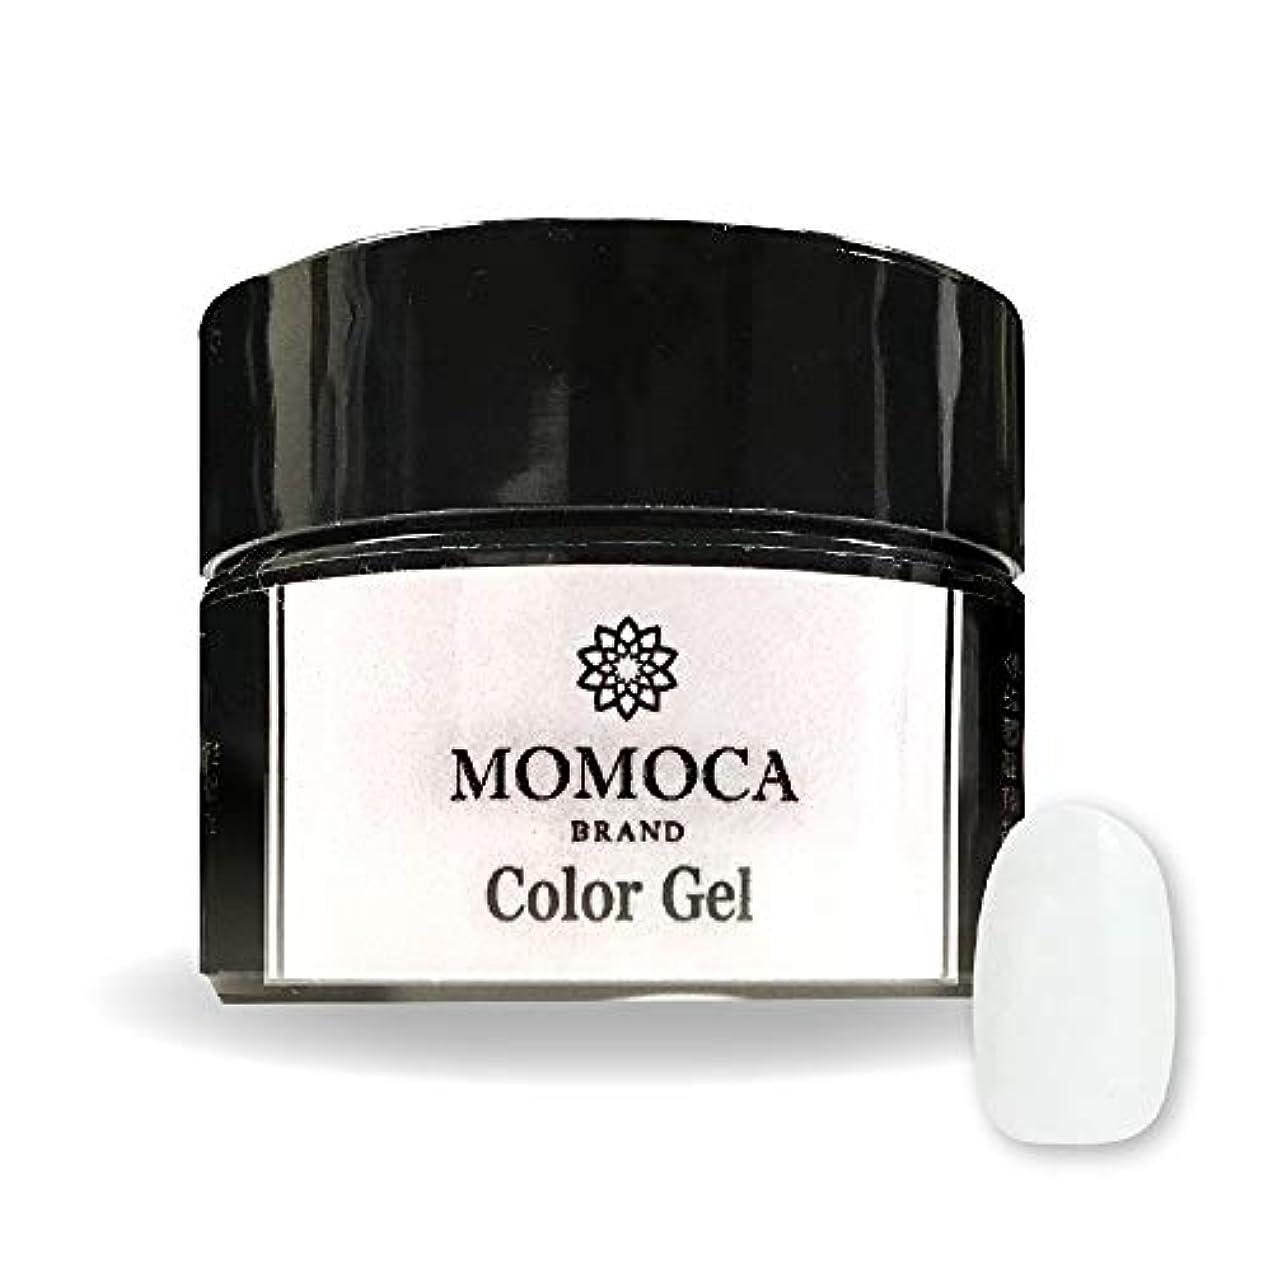 引き出しブレース生活MOMOCA モモカ ジェルネイル サロン品質 高発色 長持ち プロ仕様 ネイルサロン ネイリスト (004S See-through white シースルーホワイト)